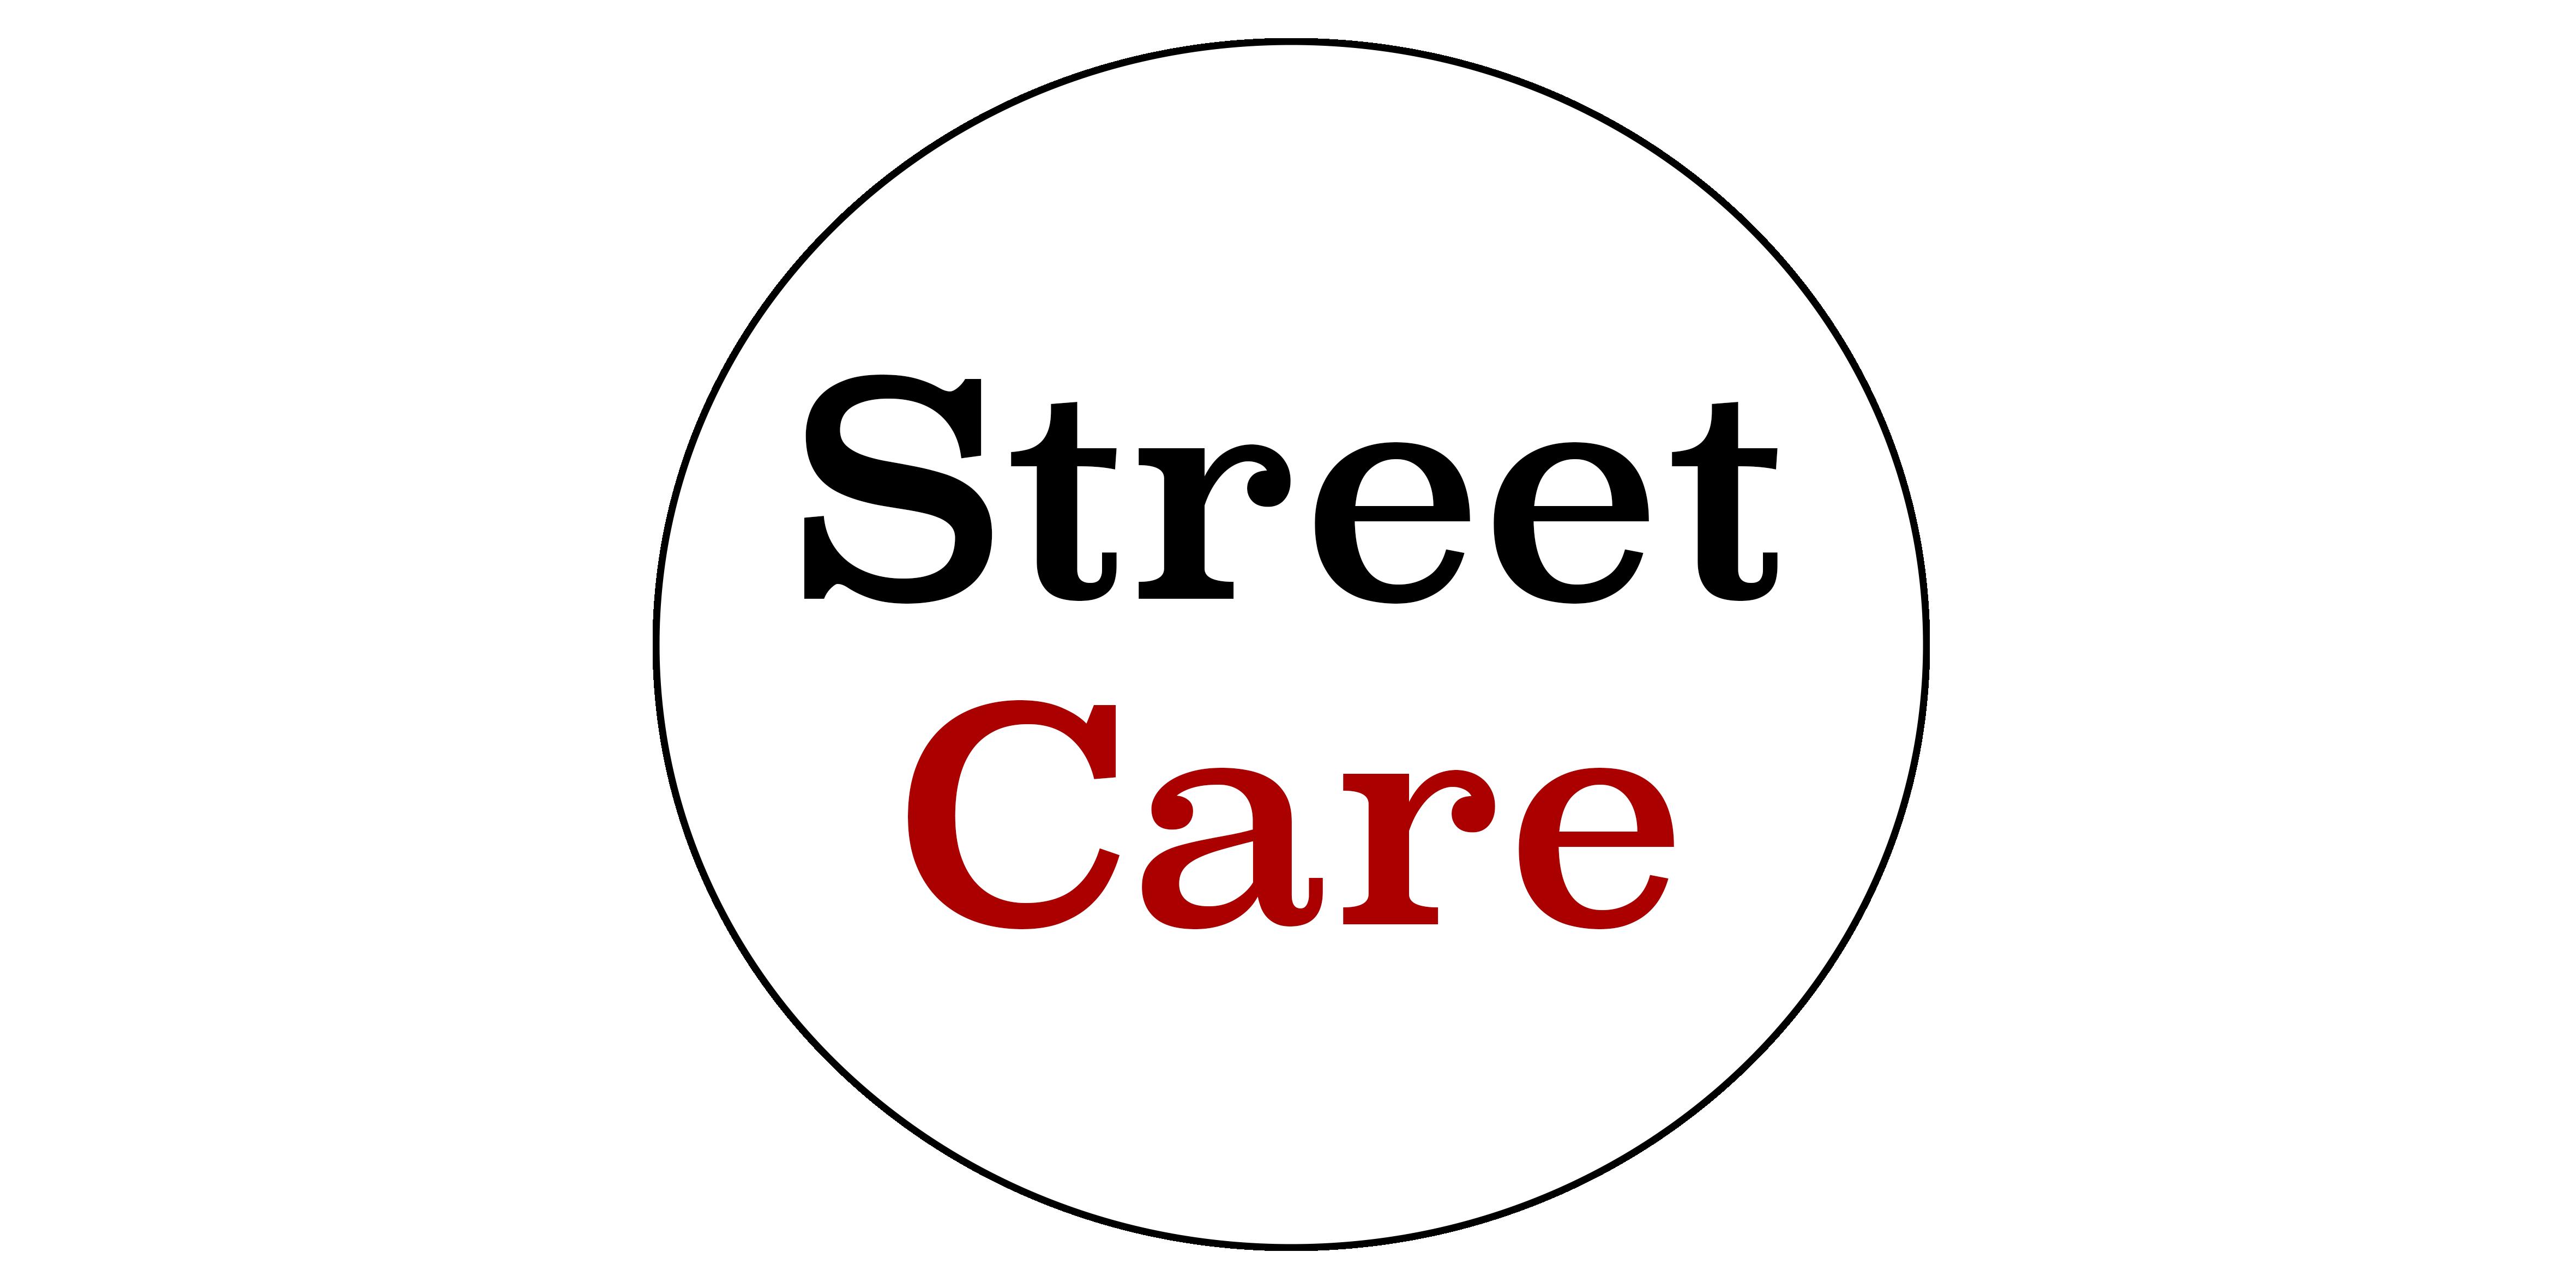 Street Care - Fordi vores venner er noget ganske særligt